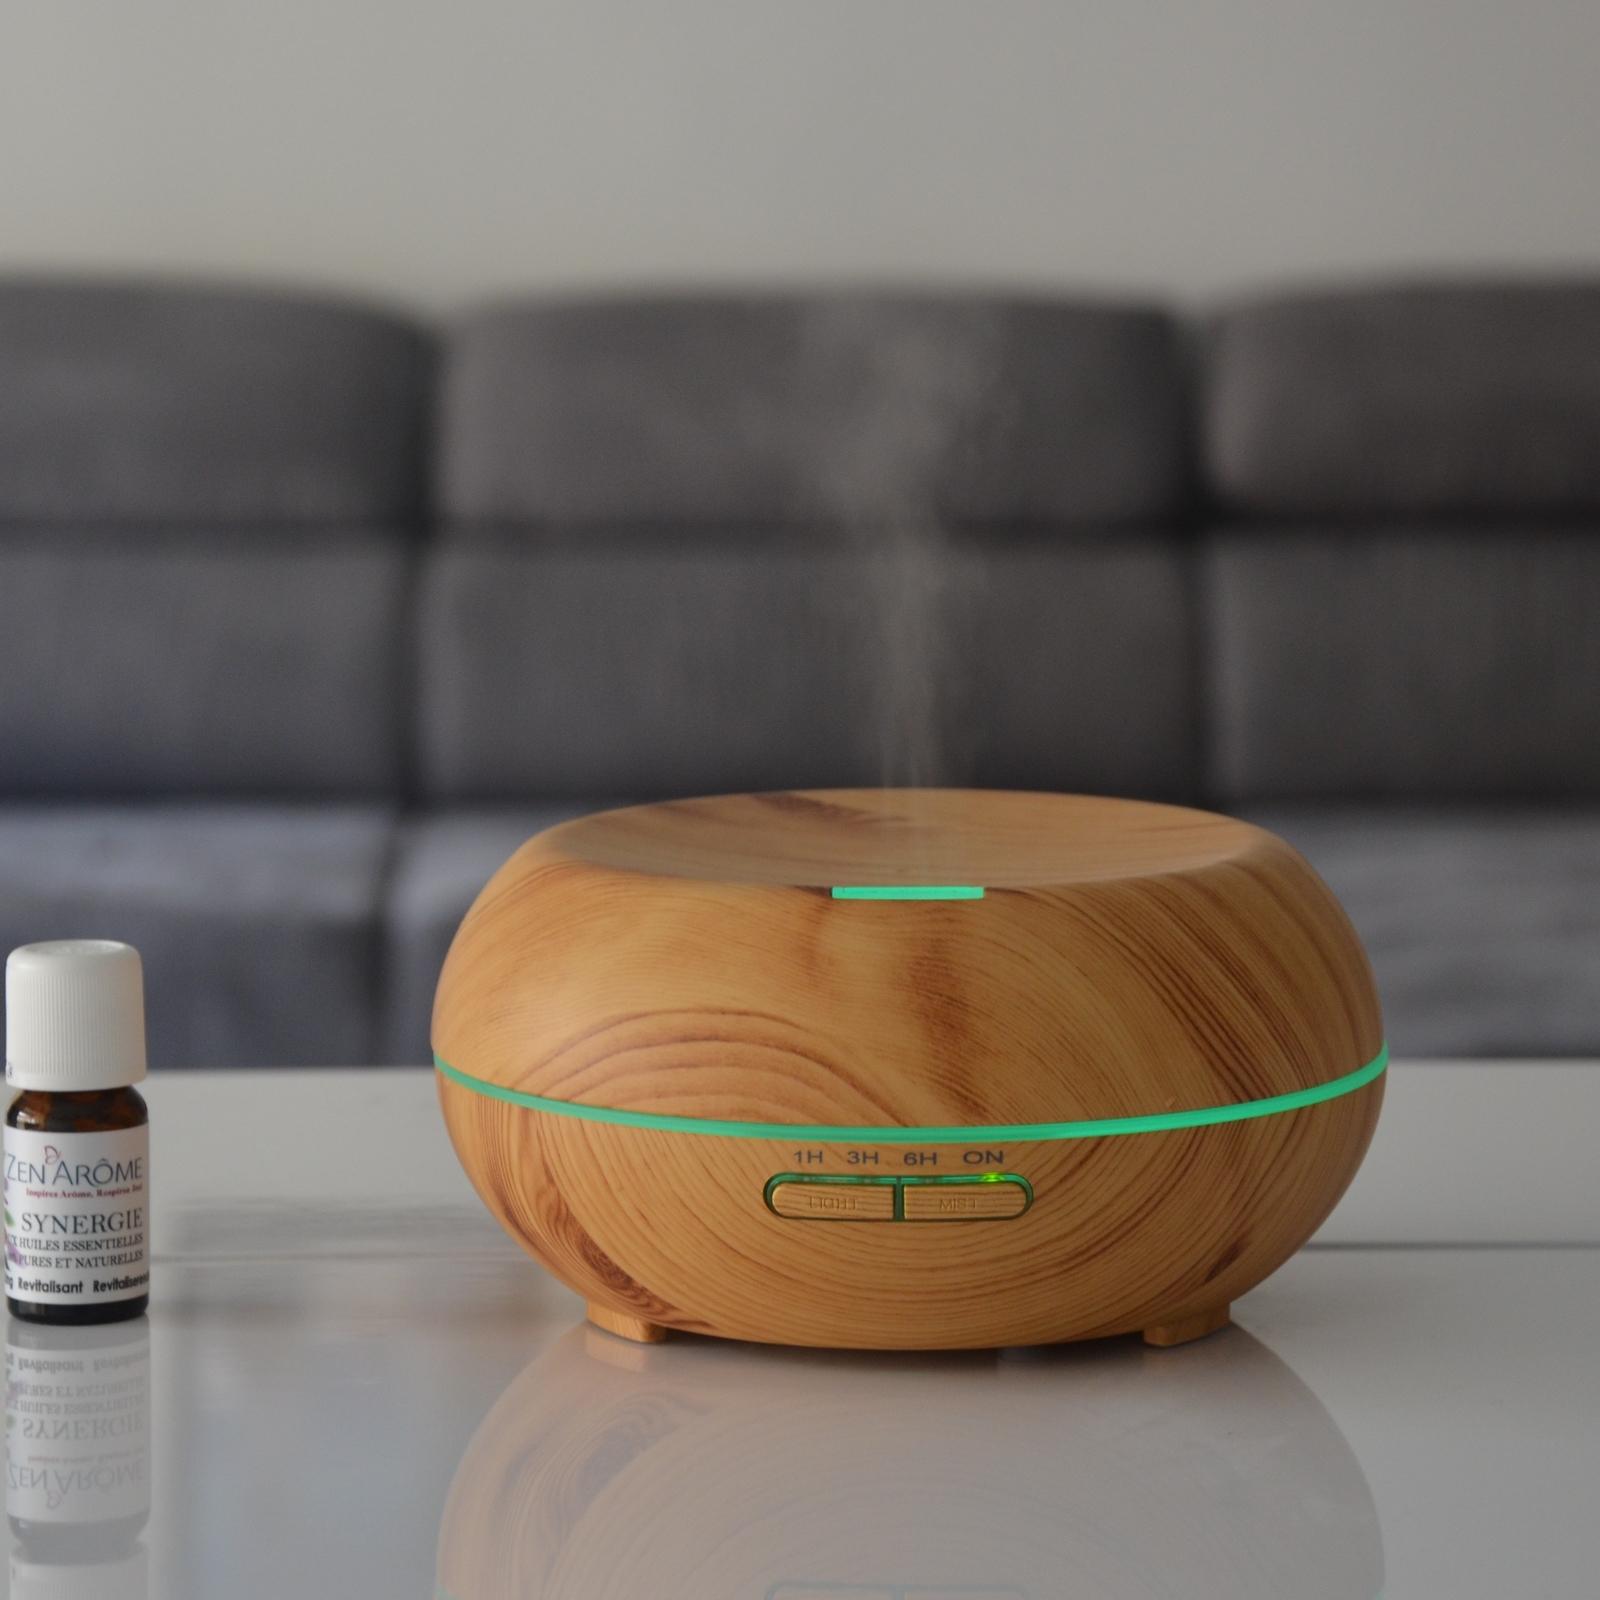 Diffuseur d'huiles essentielles ultrasonique éclairage led Woody